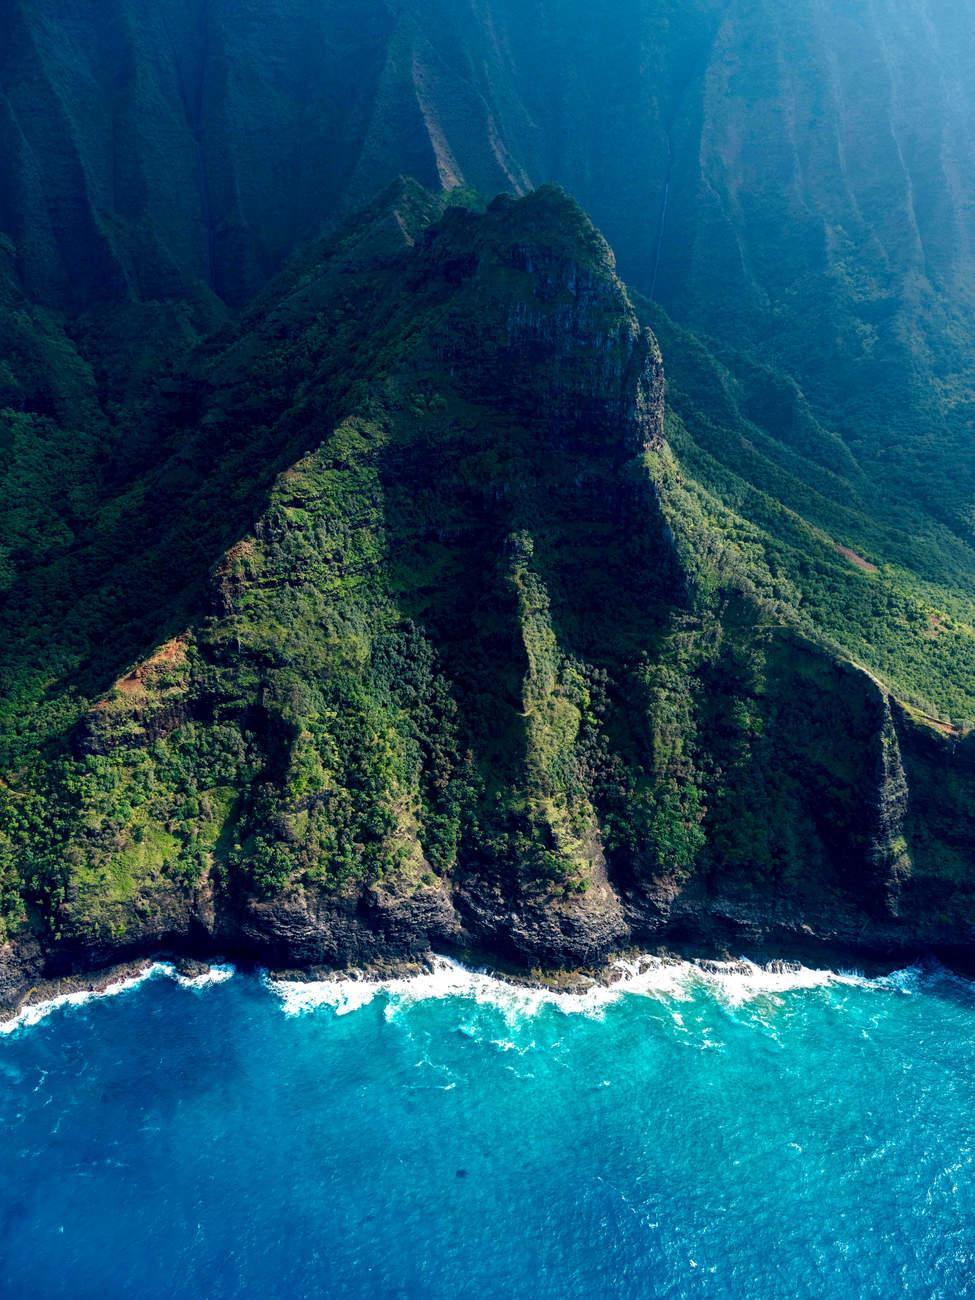 'My Rock', Napali Coast, Kauai, Hawaii